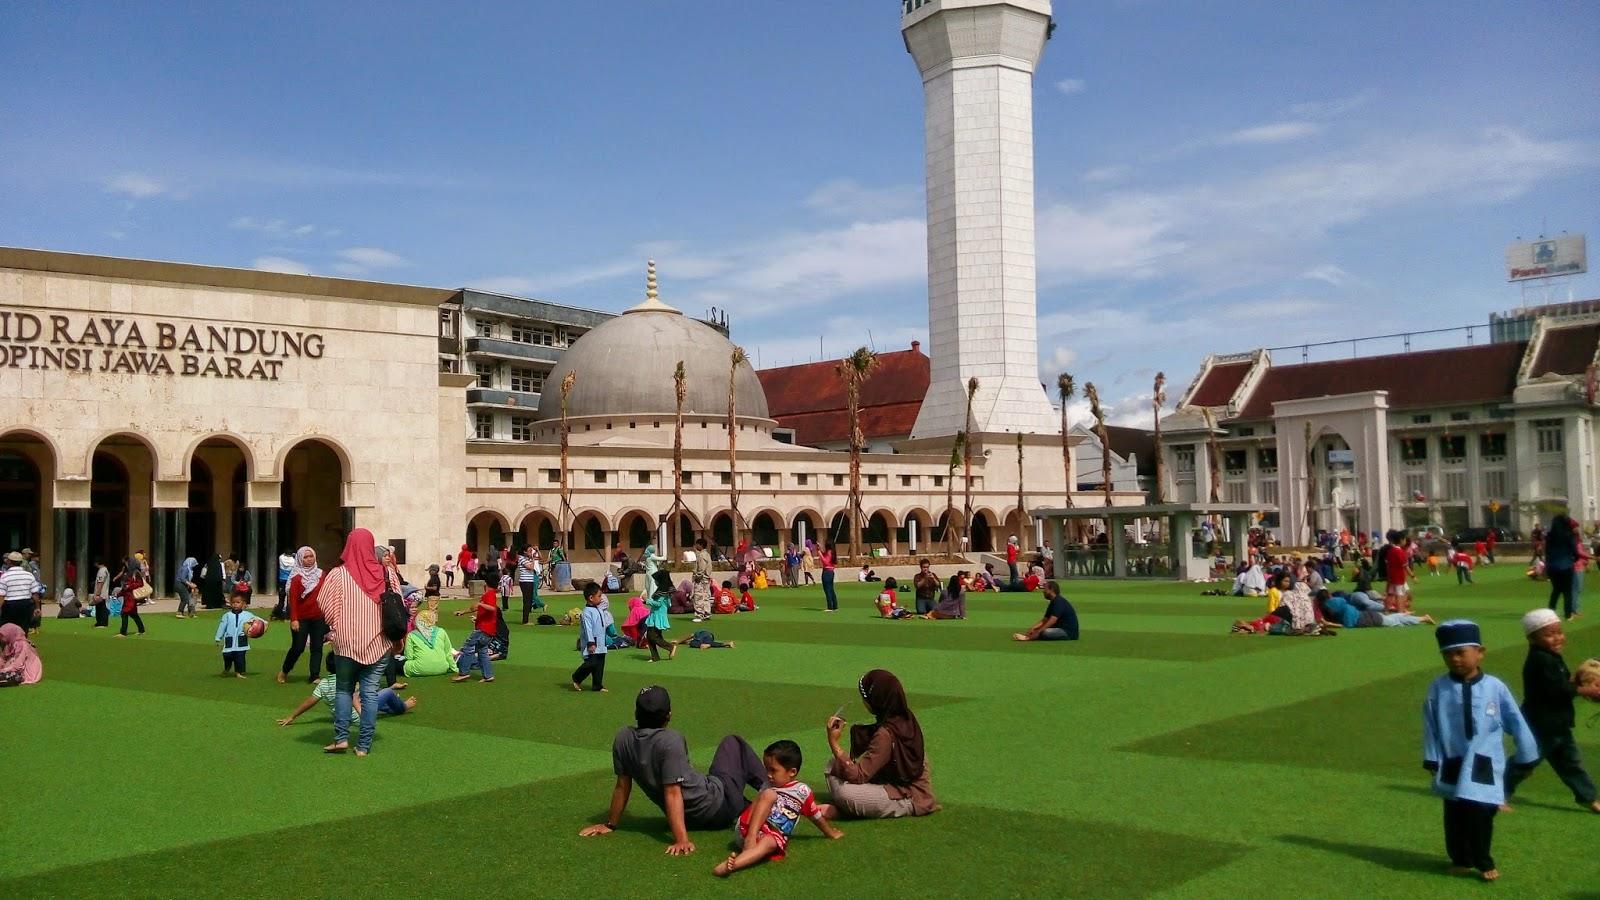 taman alun-alun masjid raya bandung